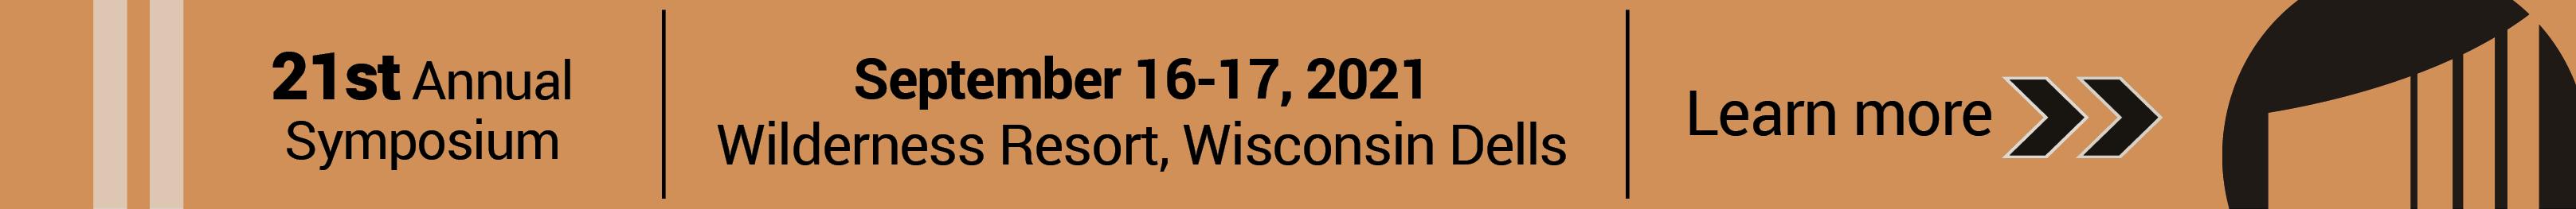 20th Annual Symposium